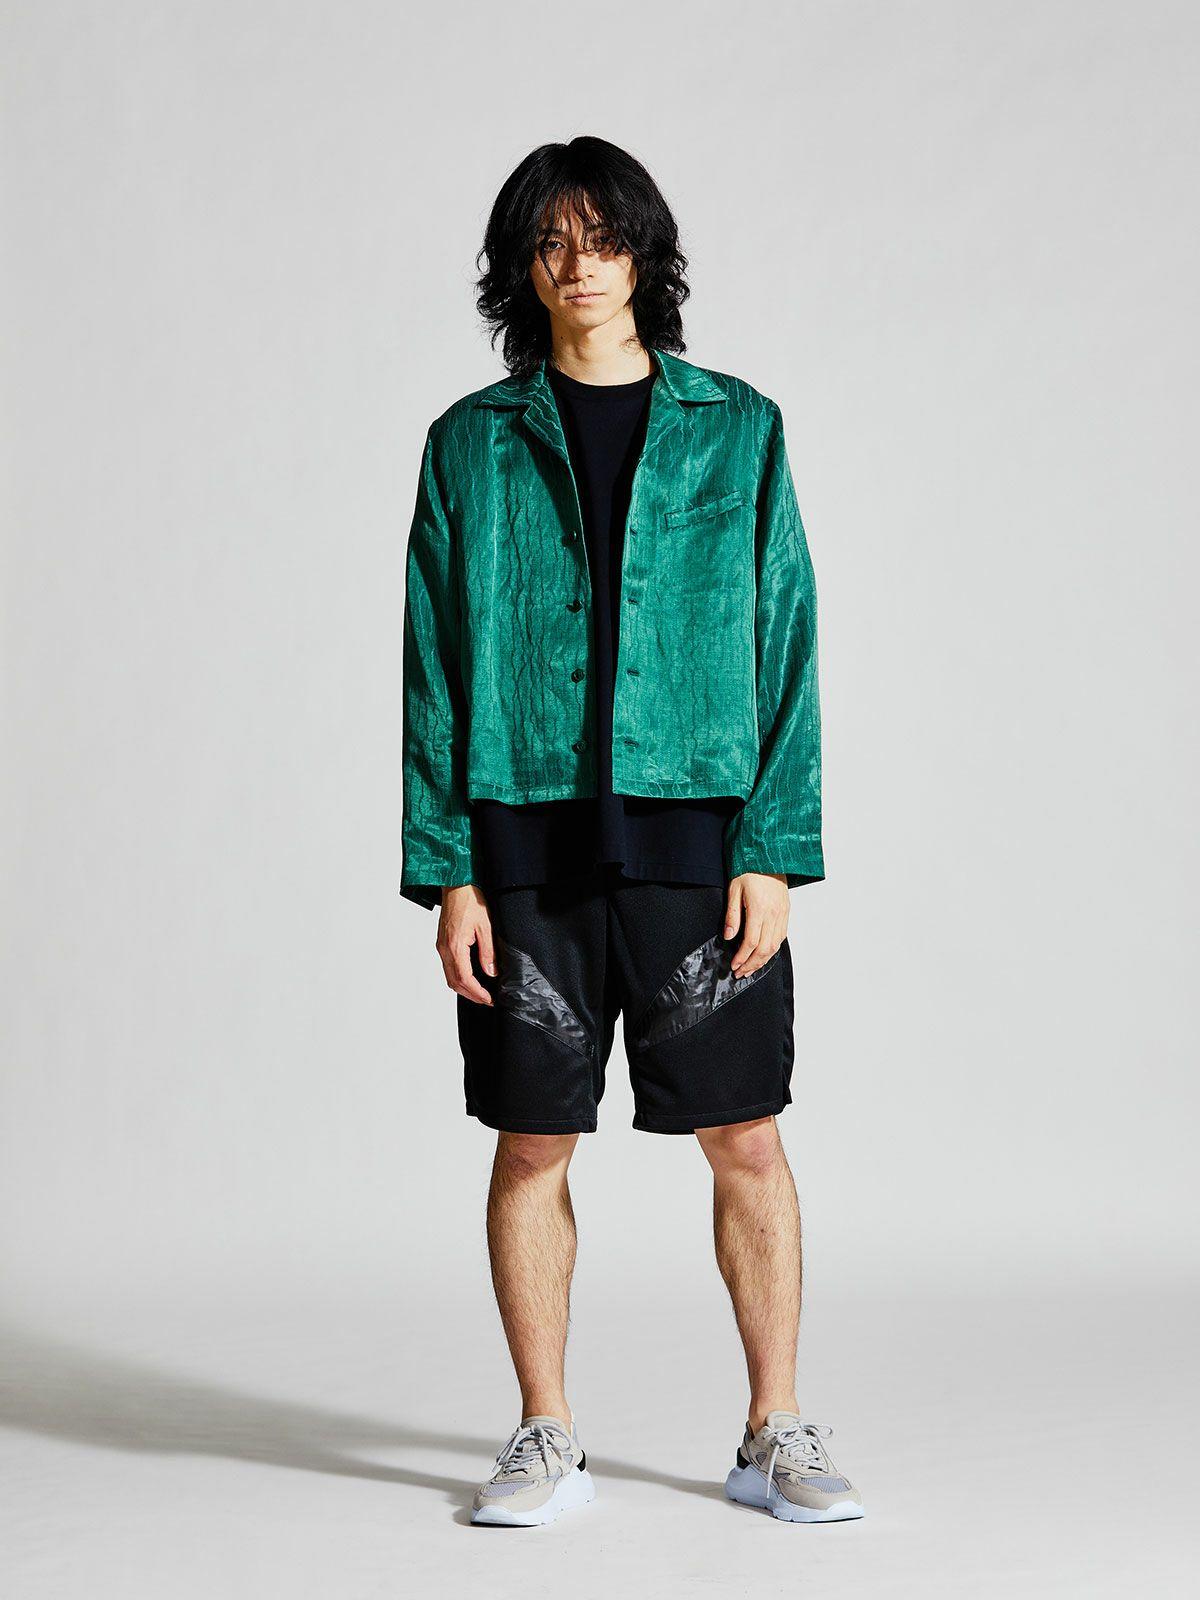 MIDIUMISOLID Men's ランダムストライプジャケット